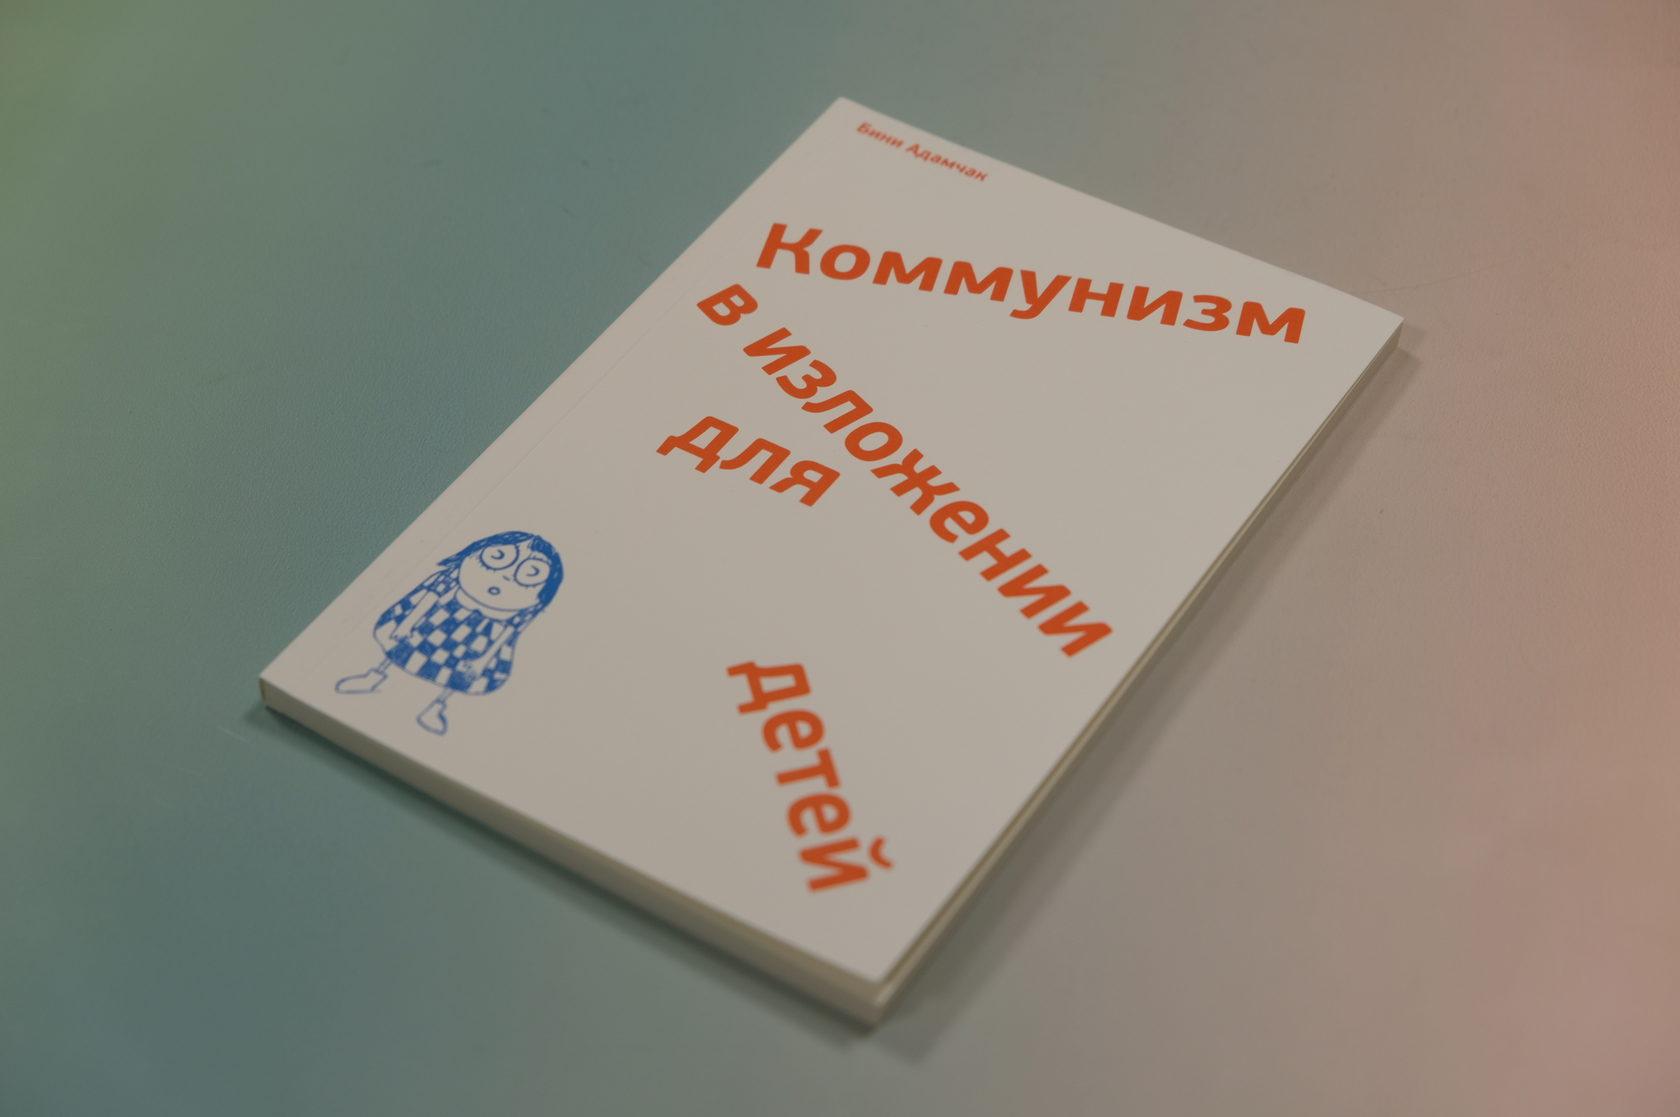 Бини Адамчак «Коммунизм в изложении для детей. Краткий рассказ о том, как в конце концов все будет по-другому»